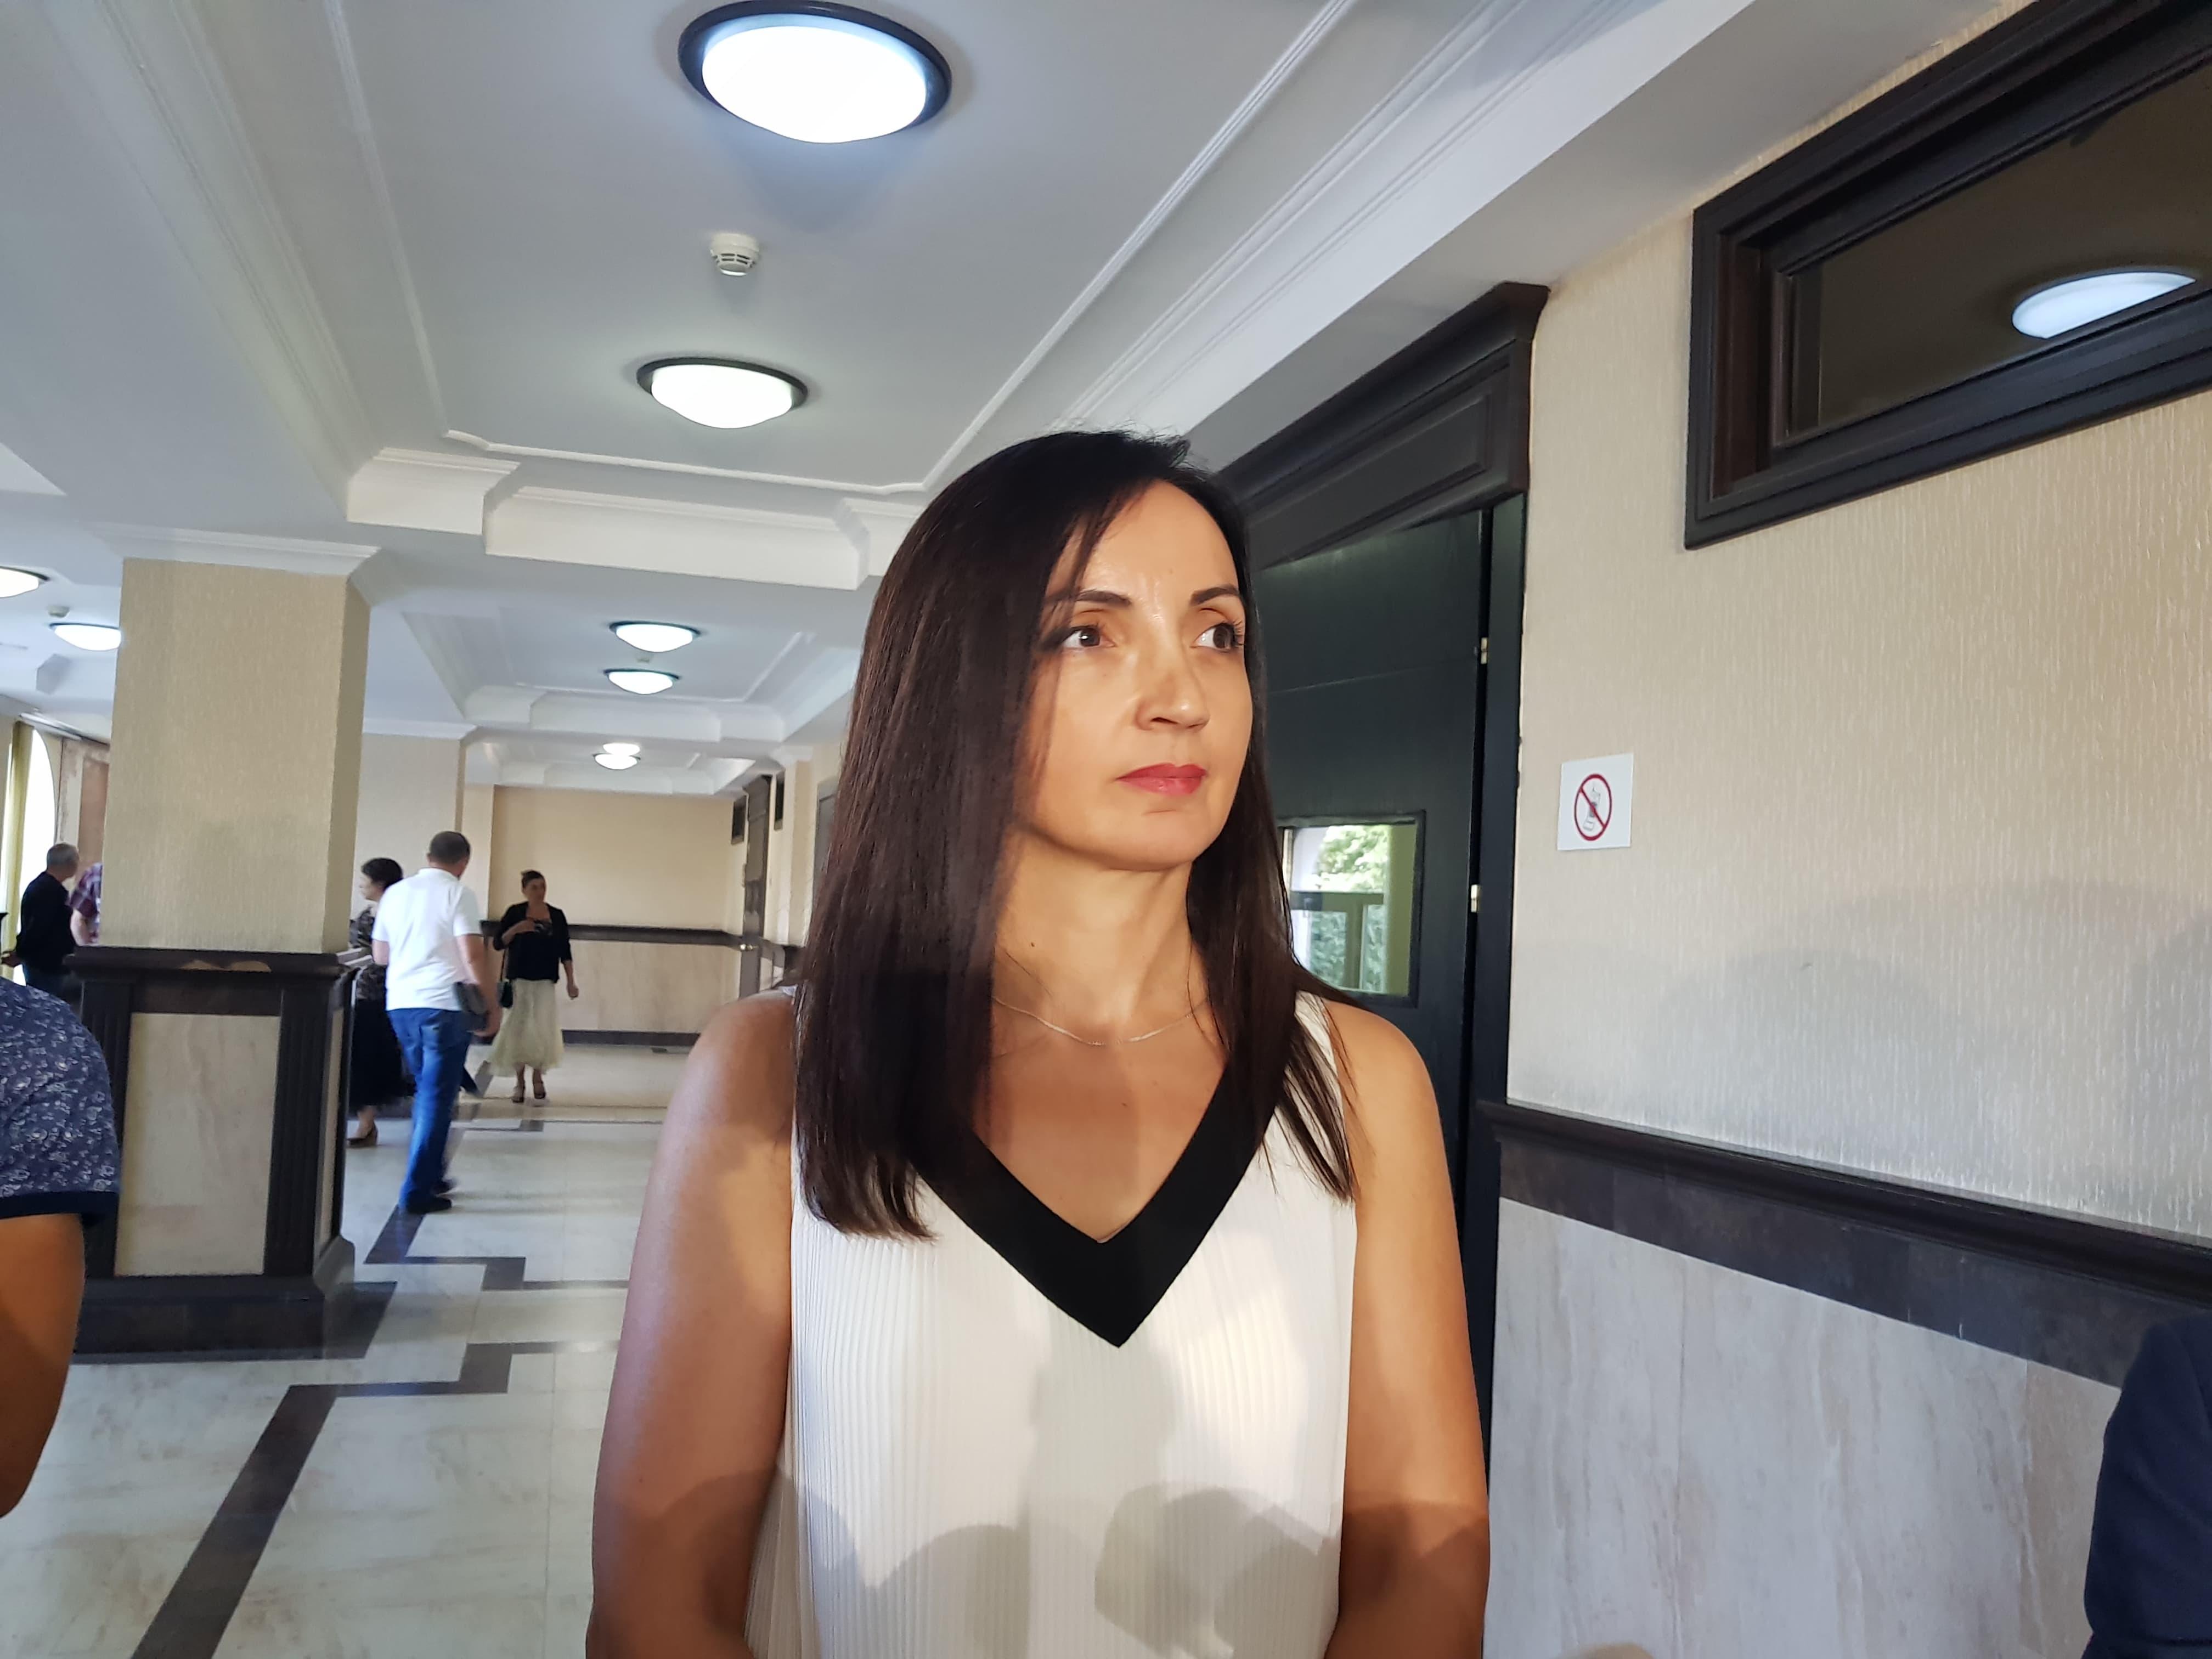 მირზა სუბელიანის ადვოკატი მხარეებს შორის საპროცესო შეთანხმებას არ გამორიცხავს